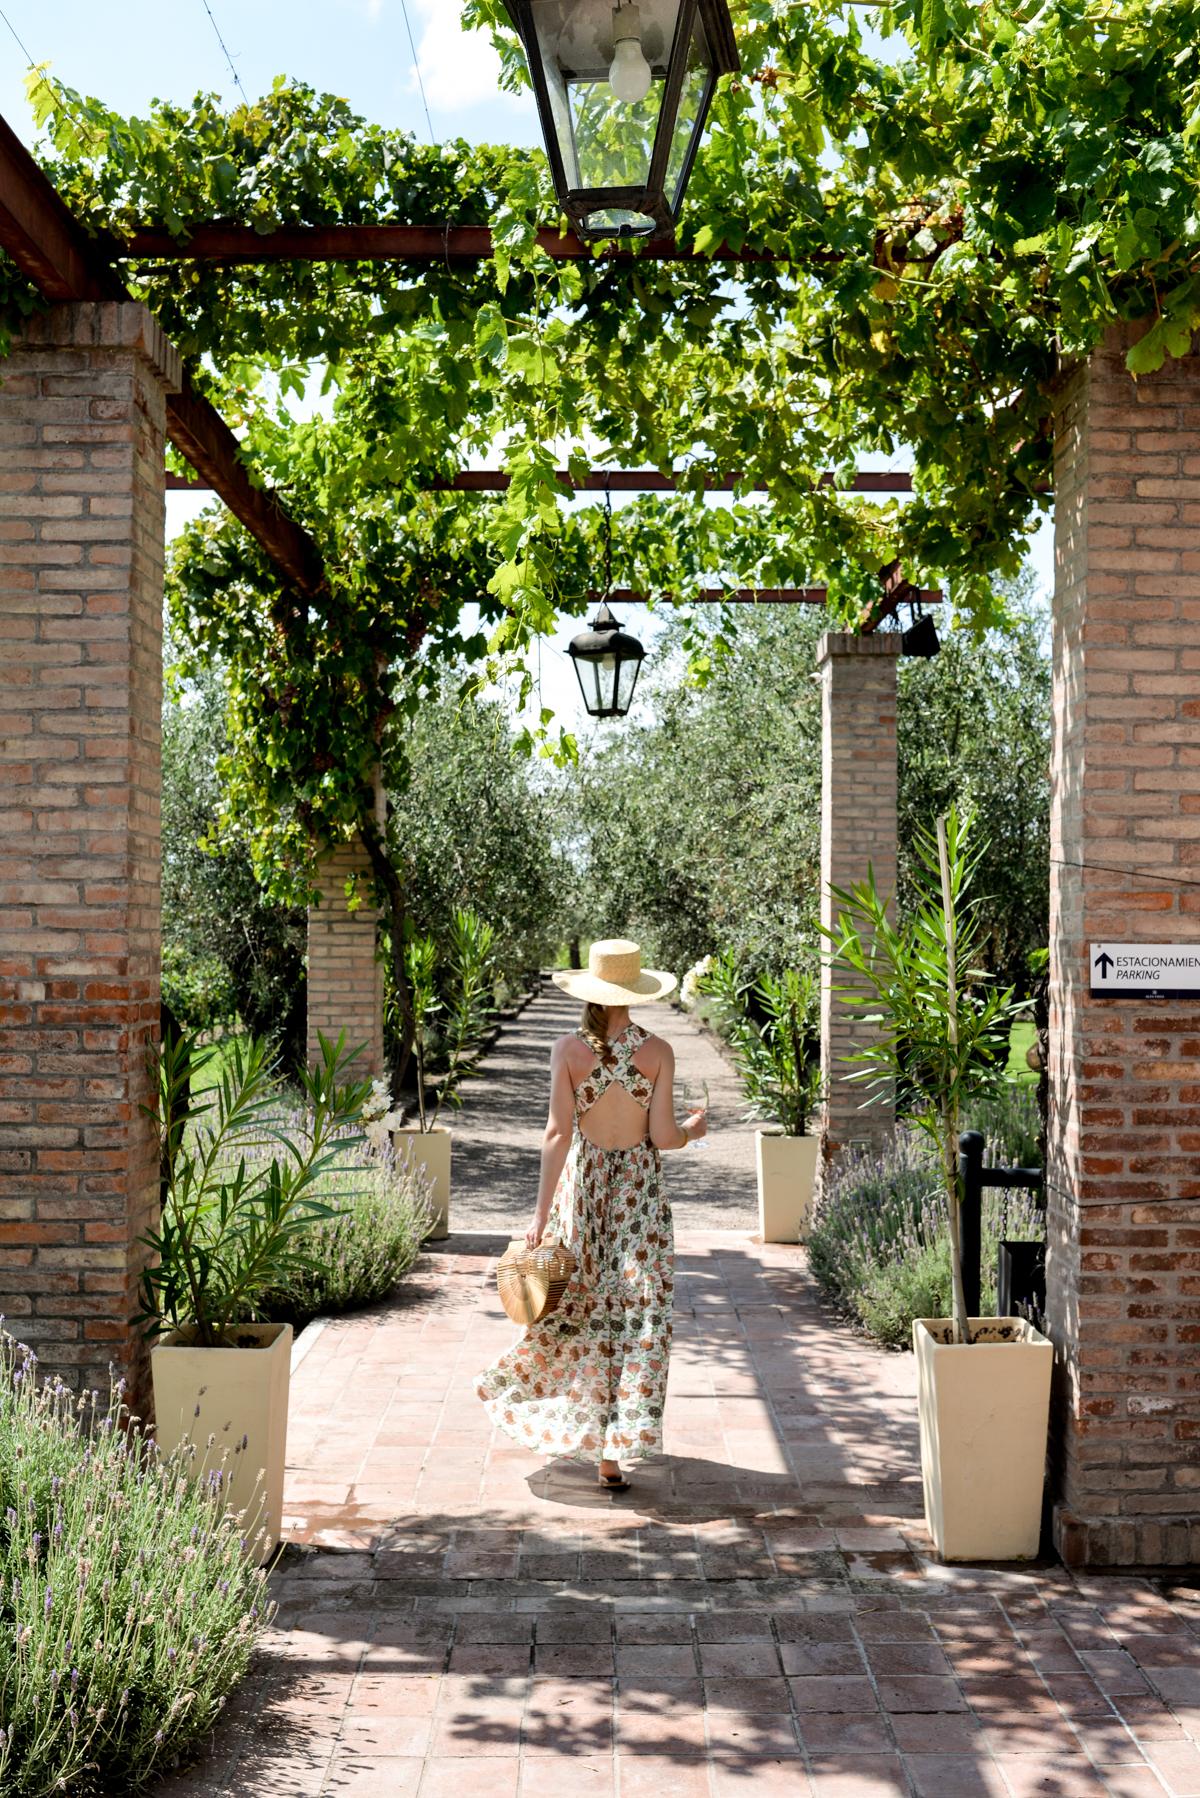 Stacie Flinner Alta Vista Winery Mendoza